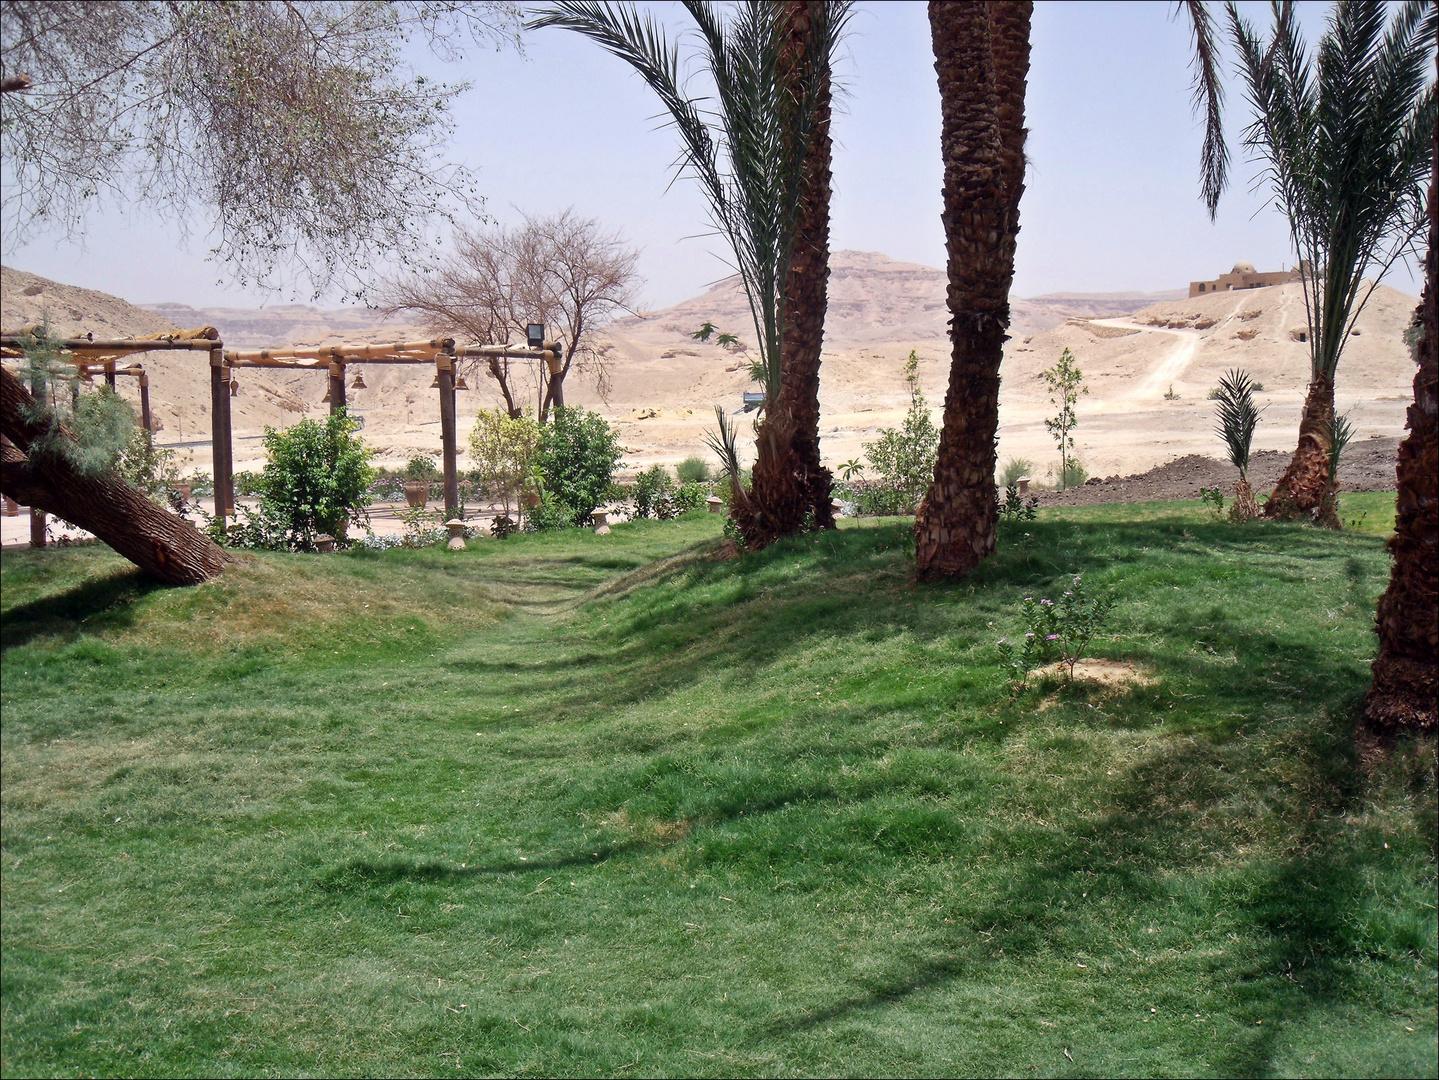 Der Kontrast der Wüste